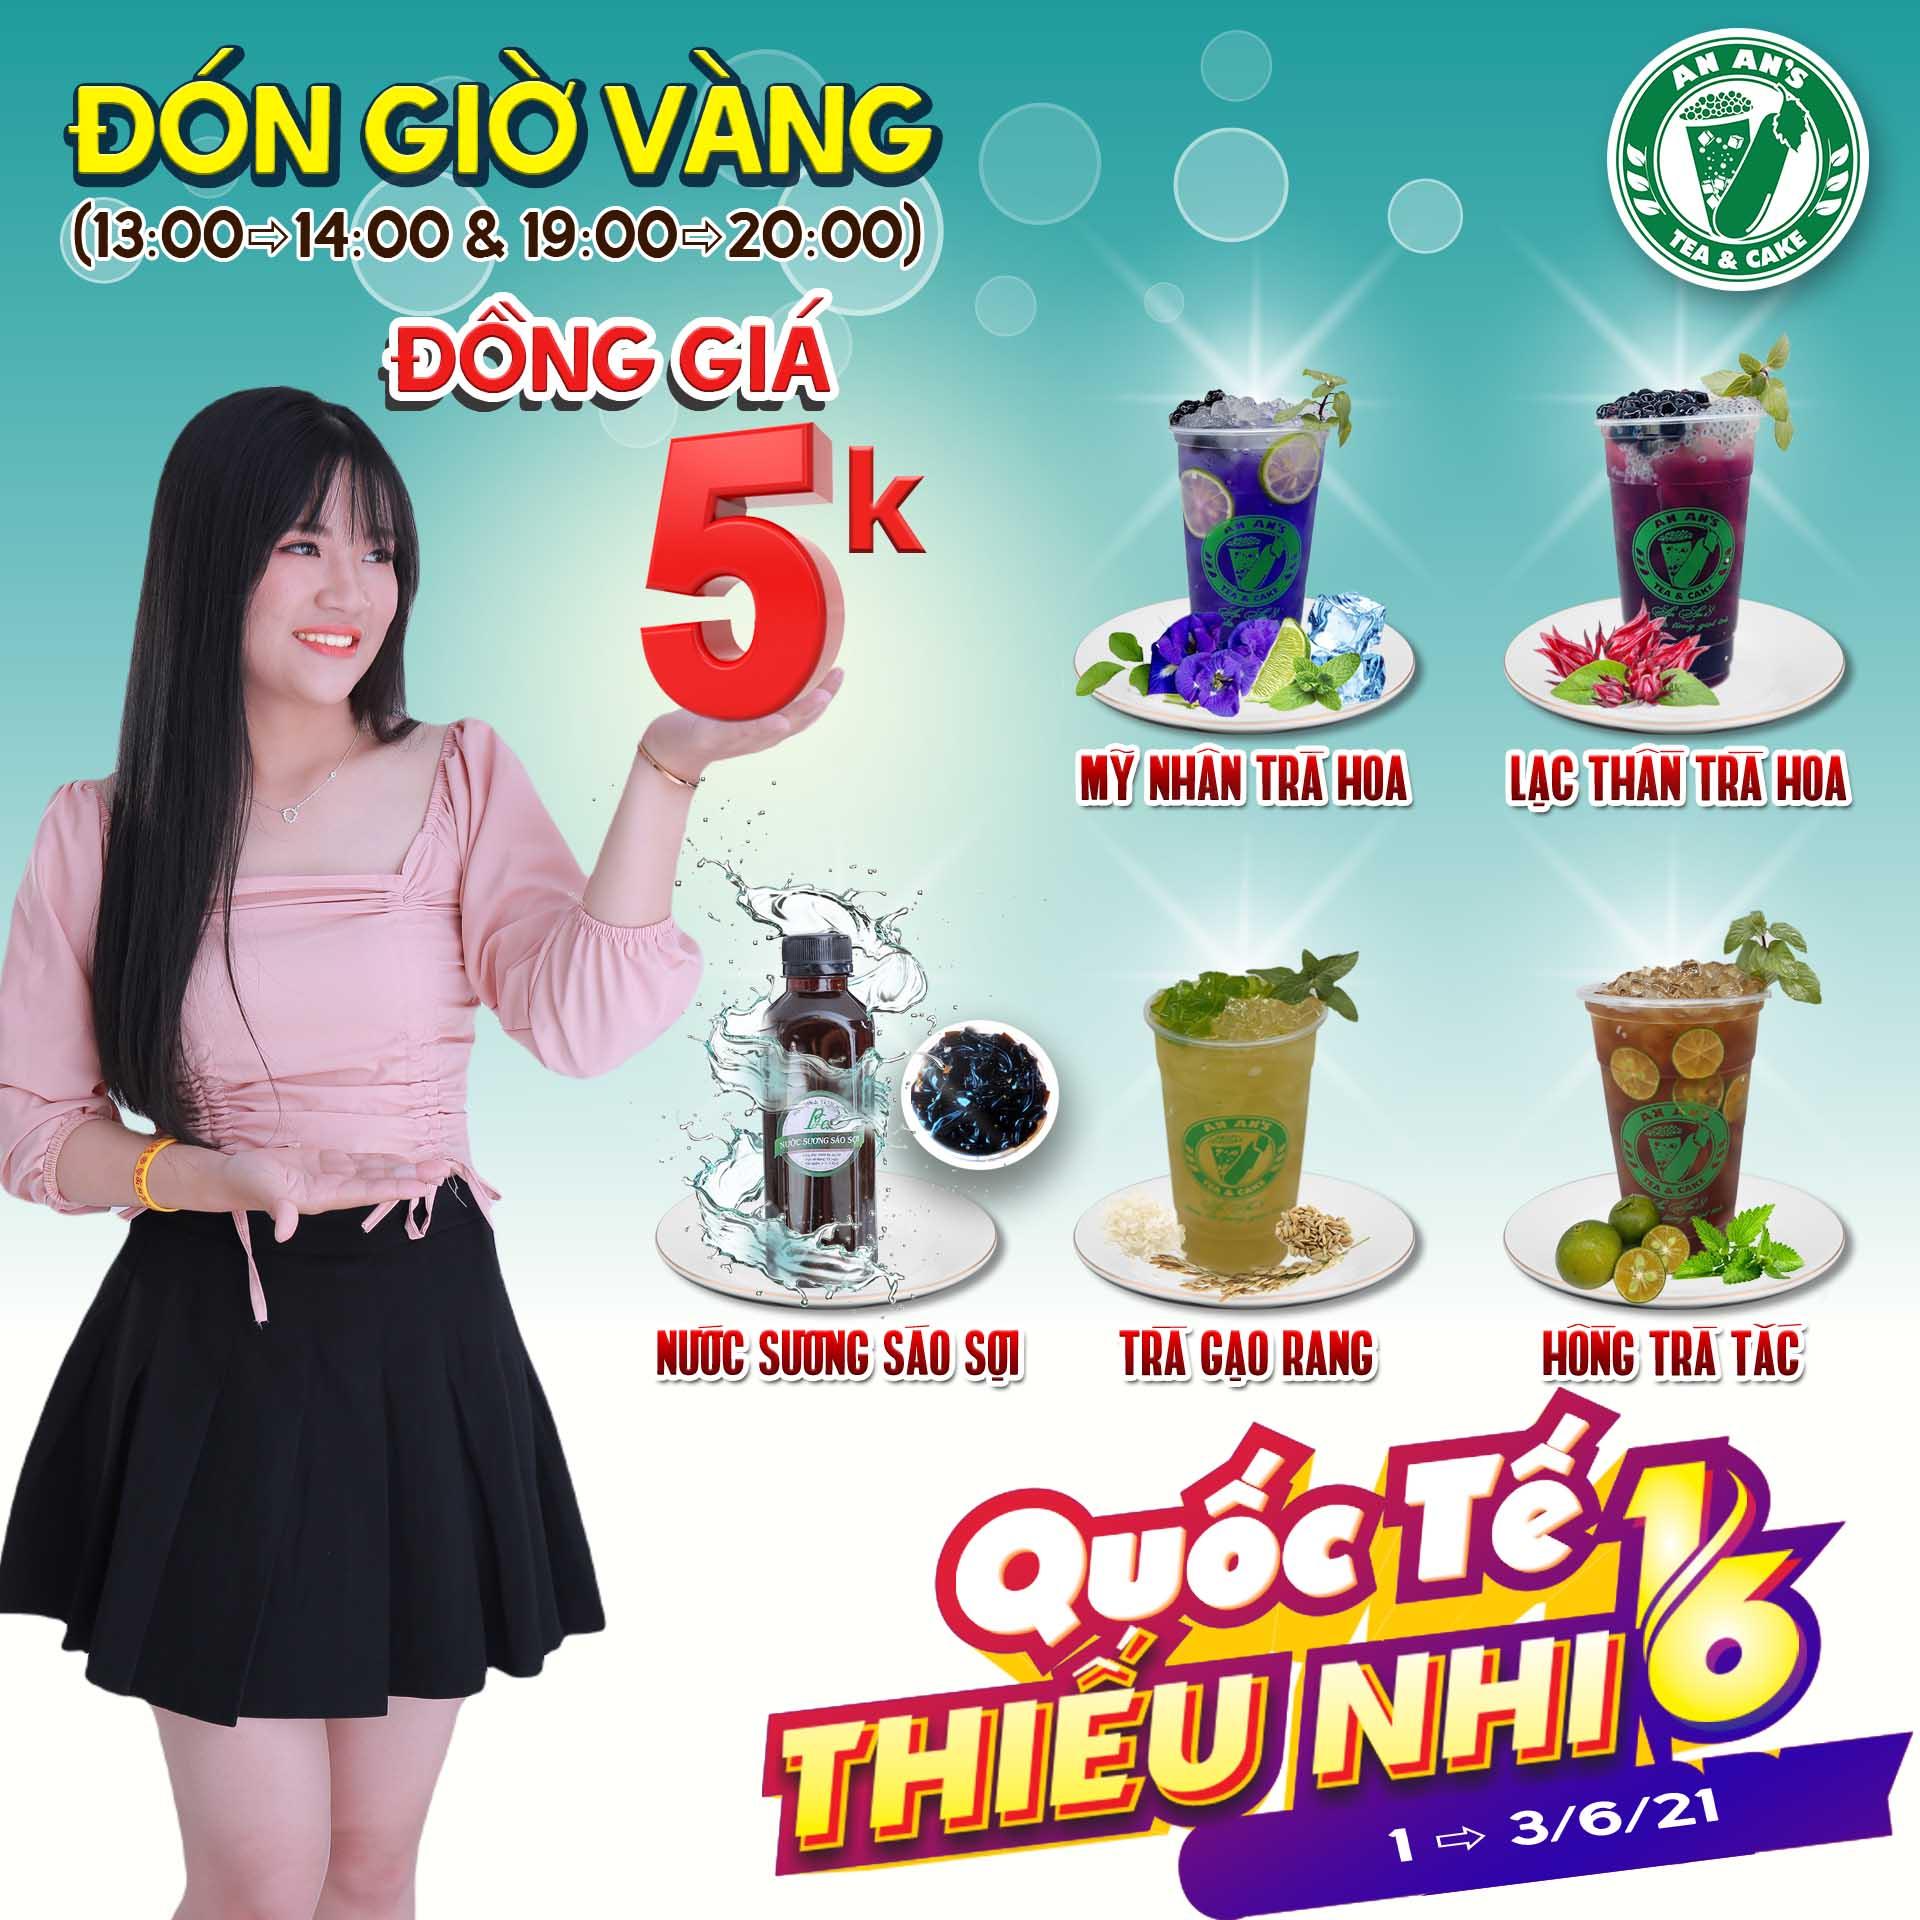 chuong-trinh-khuyen-mai-thang-6-don-gio-vang-dong-gia-5-ngan